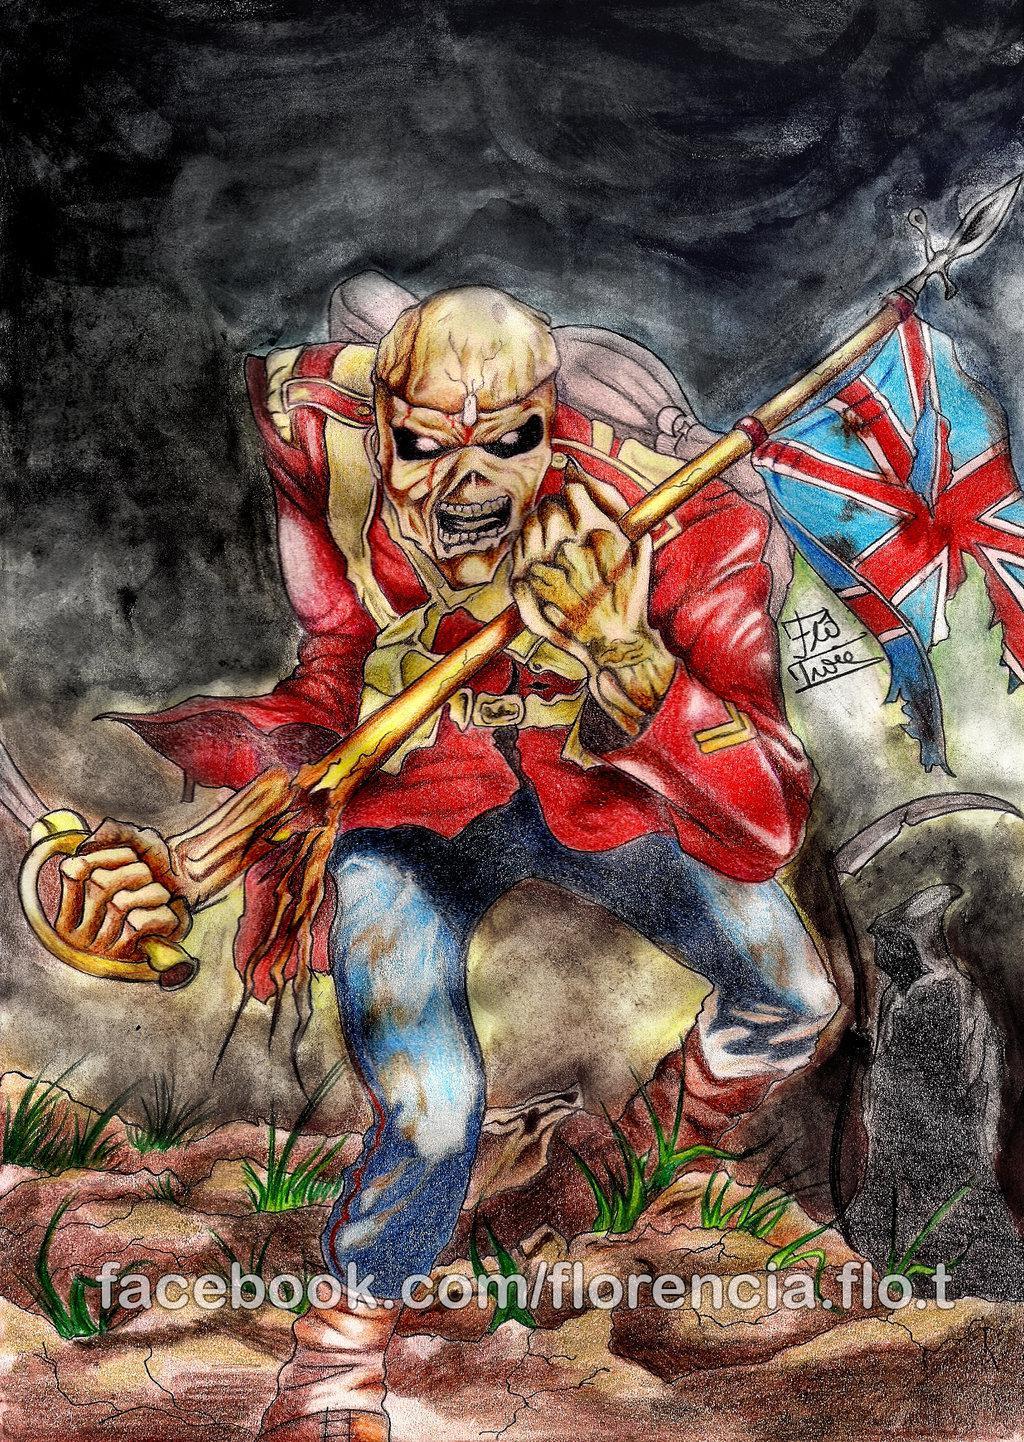 Iron Maiden Fear Of The Dark Artwork Dark In